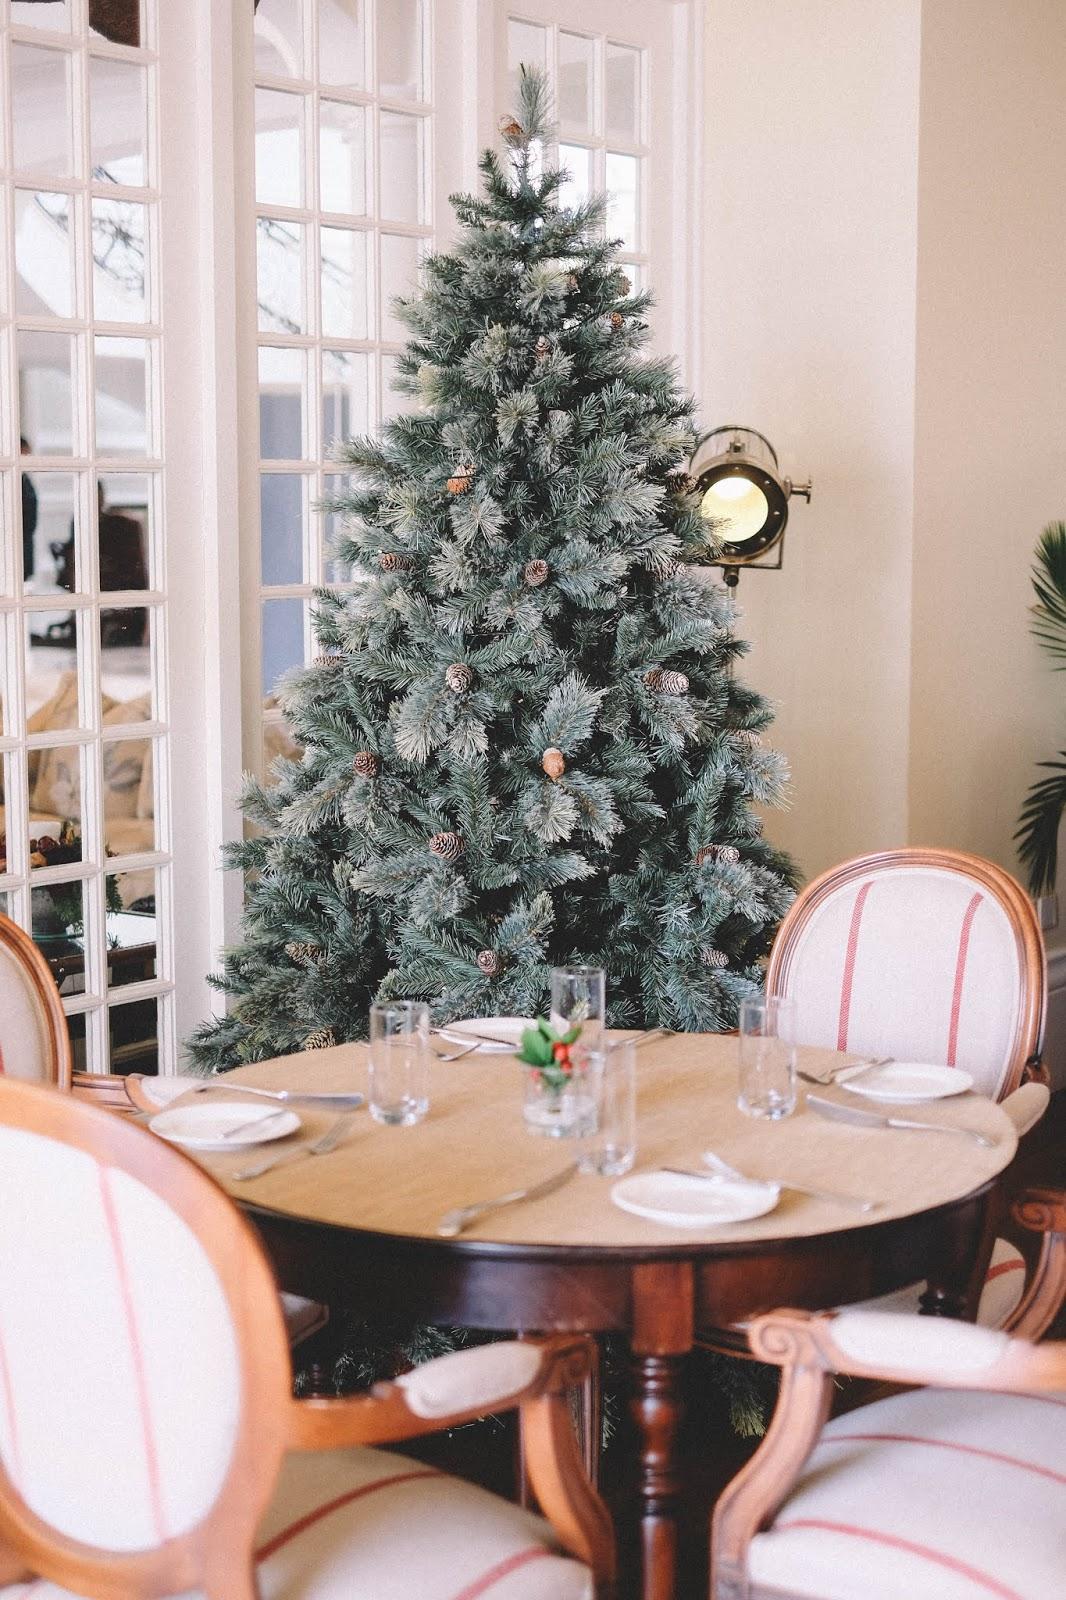 Künstlicher Weihnachtsbaum Mit Beleuchtung Kaufen.Künstlichen Weihnachtsbaum Kaufen So Finden Sie Den Perfekten Baum